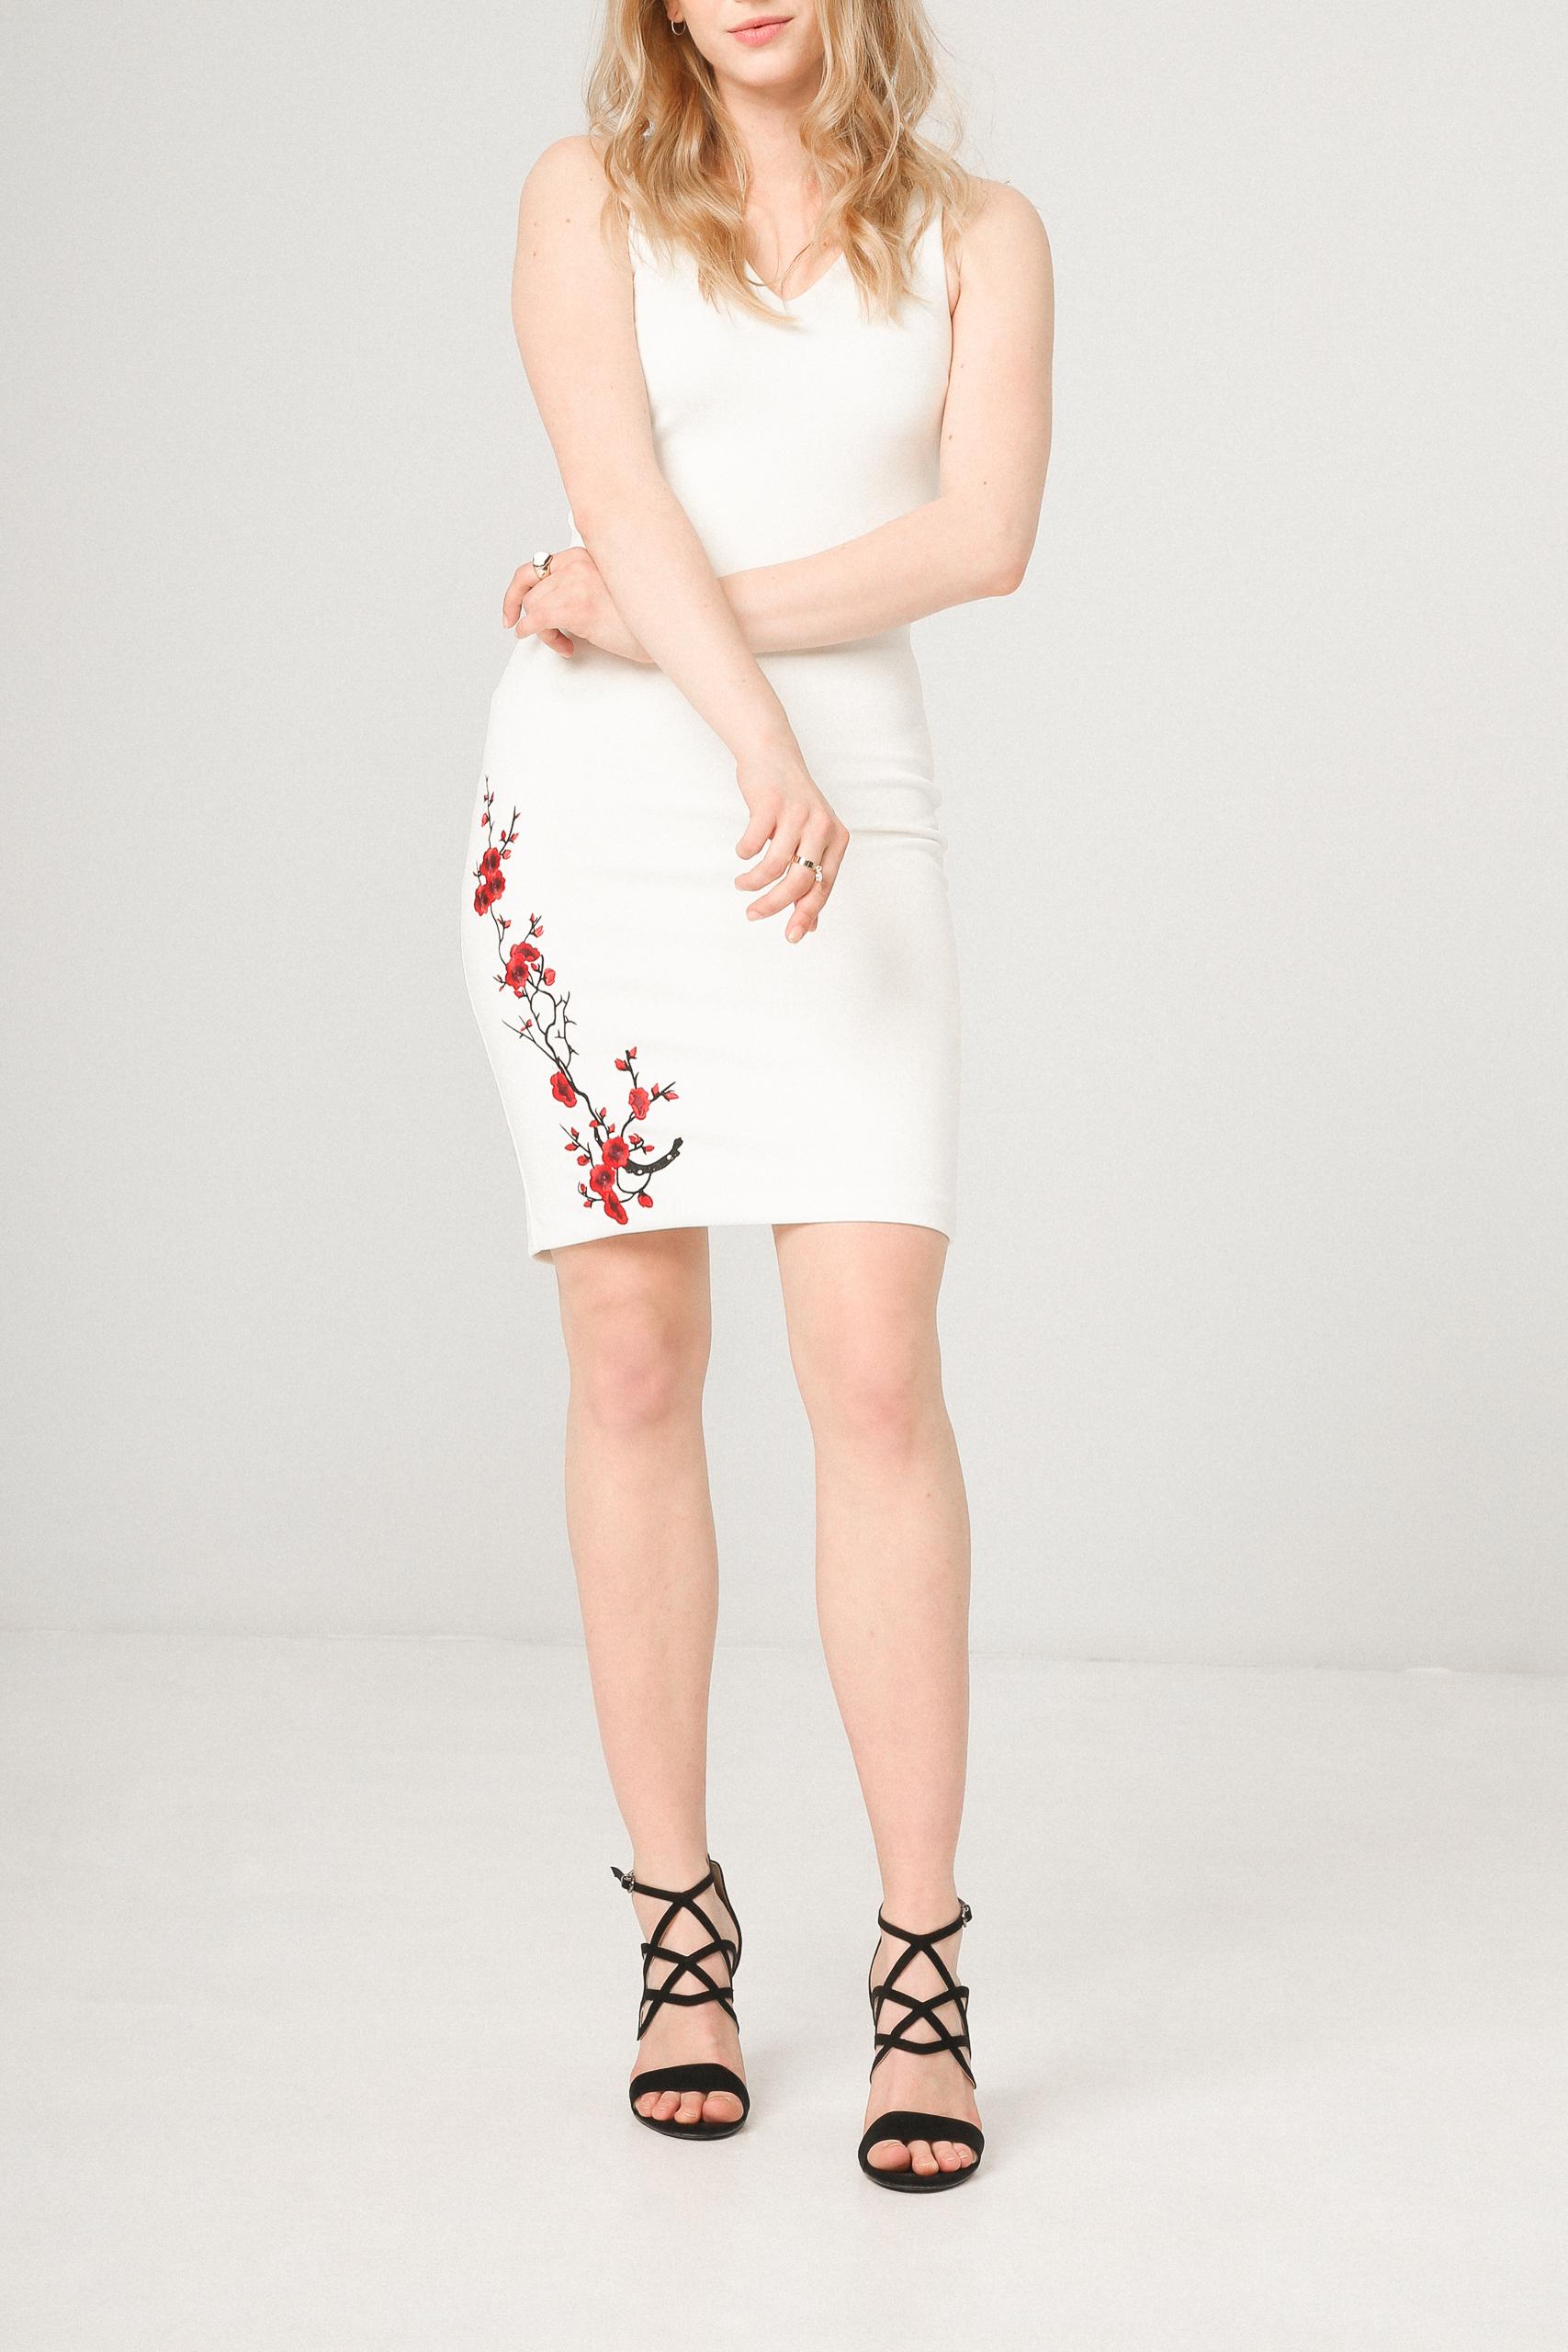 Robes  Fontana 2.0 TAZIANA white